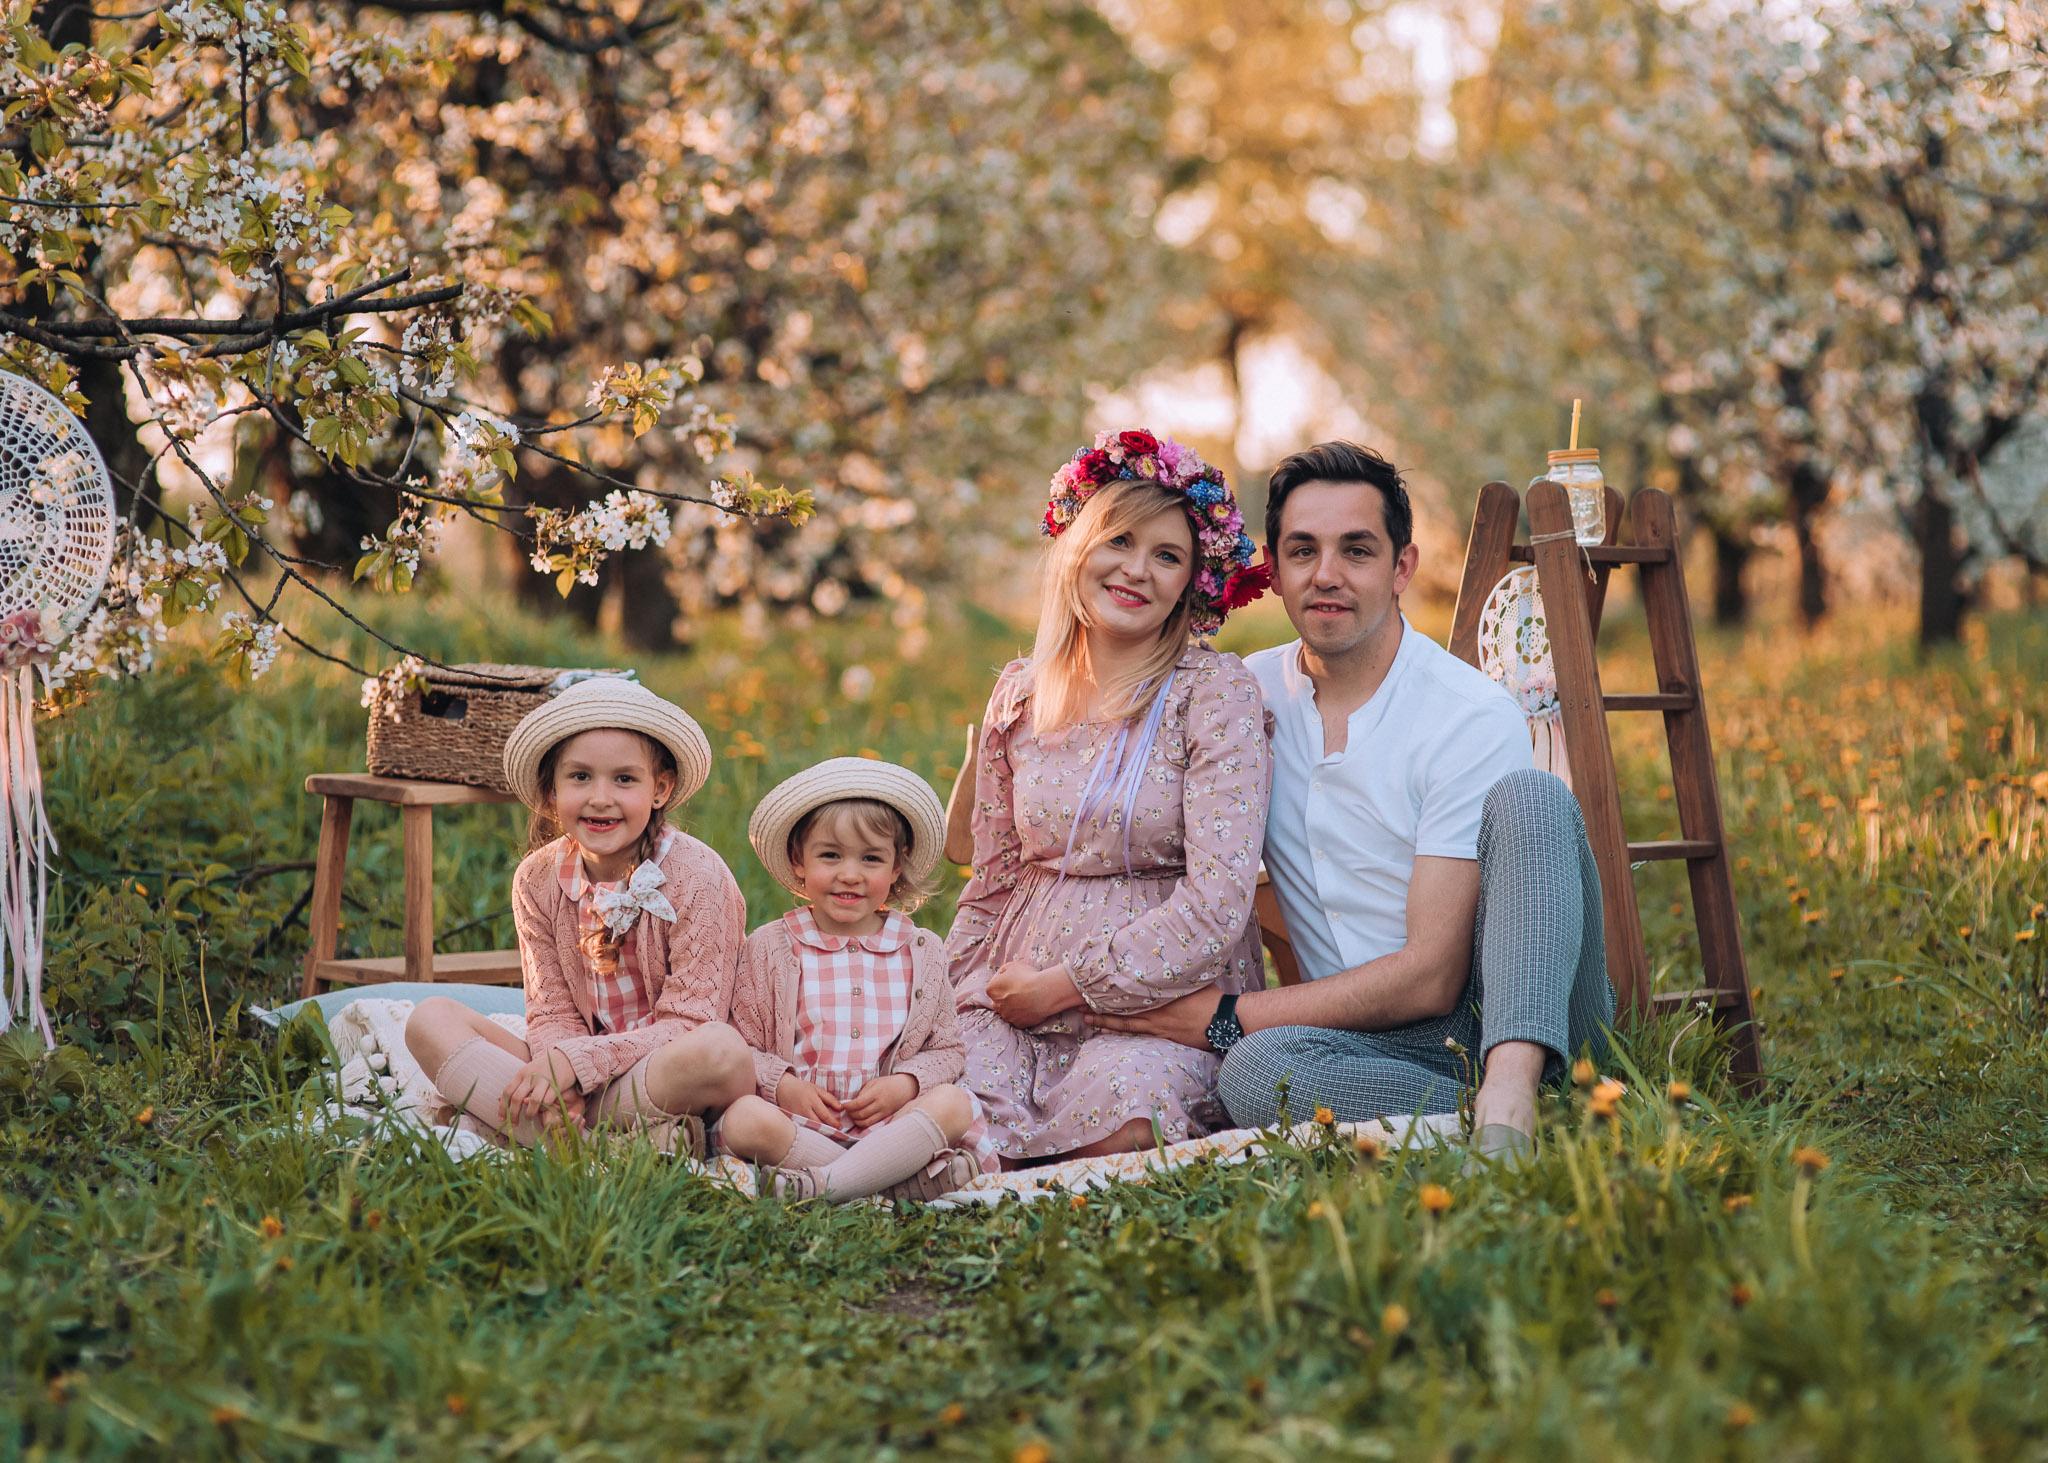 wiosna zdjęcia w plenerze w kwitnącym sadzie warszawa tarczyn konstancin piaseczno